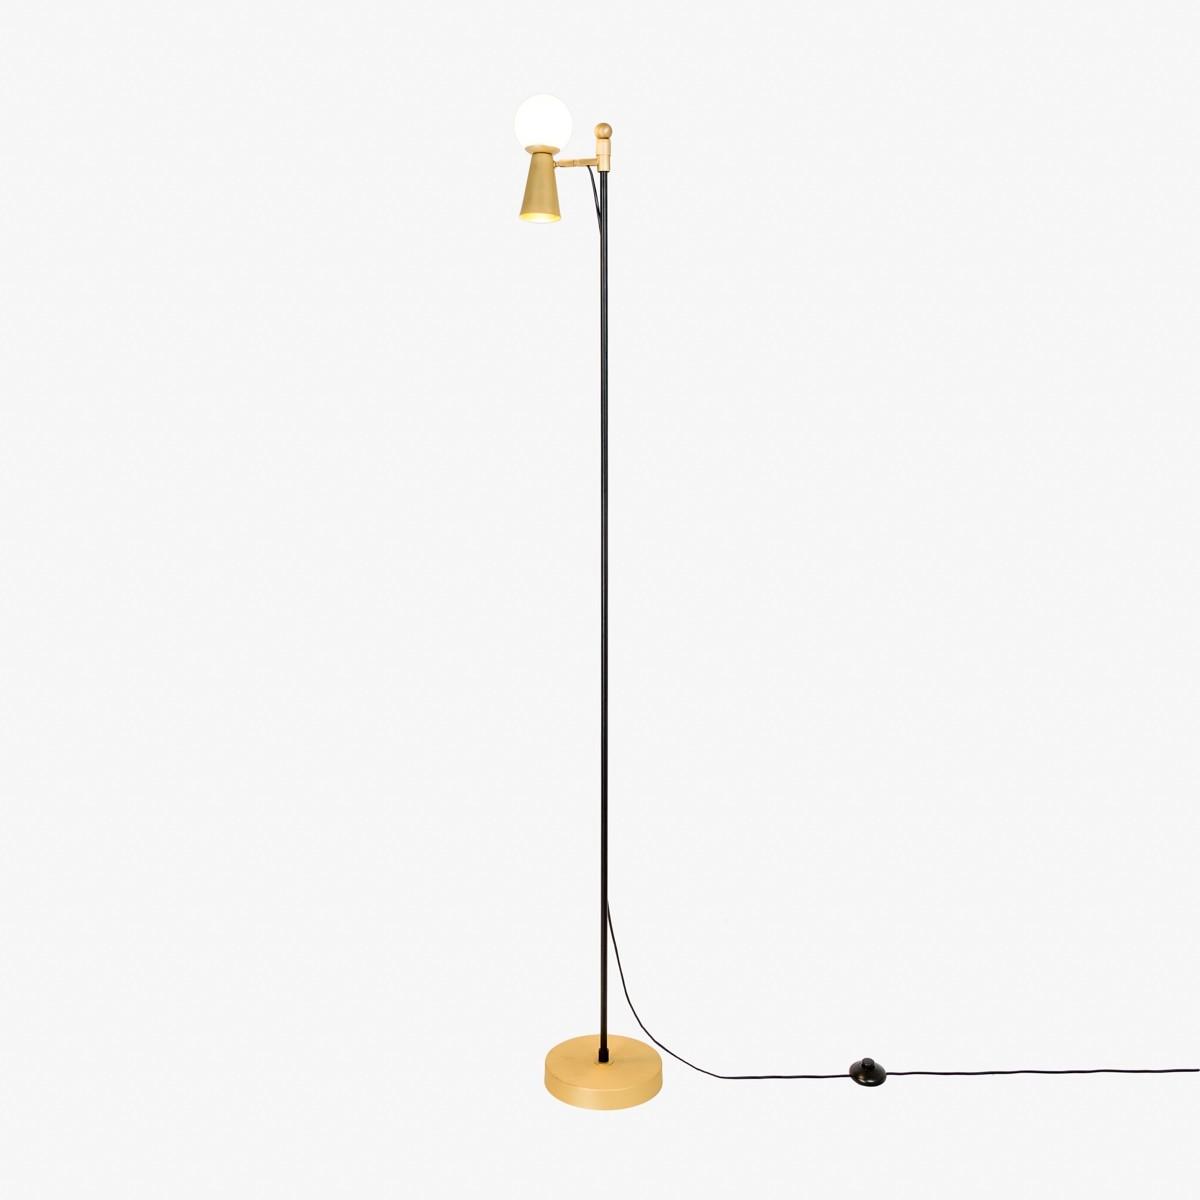 Luminária de Chão Pivô Haste Fixa 2 Lâmpadas Goldenart